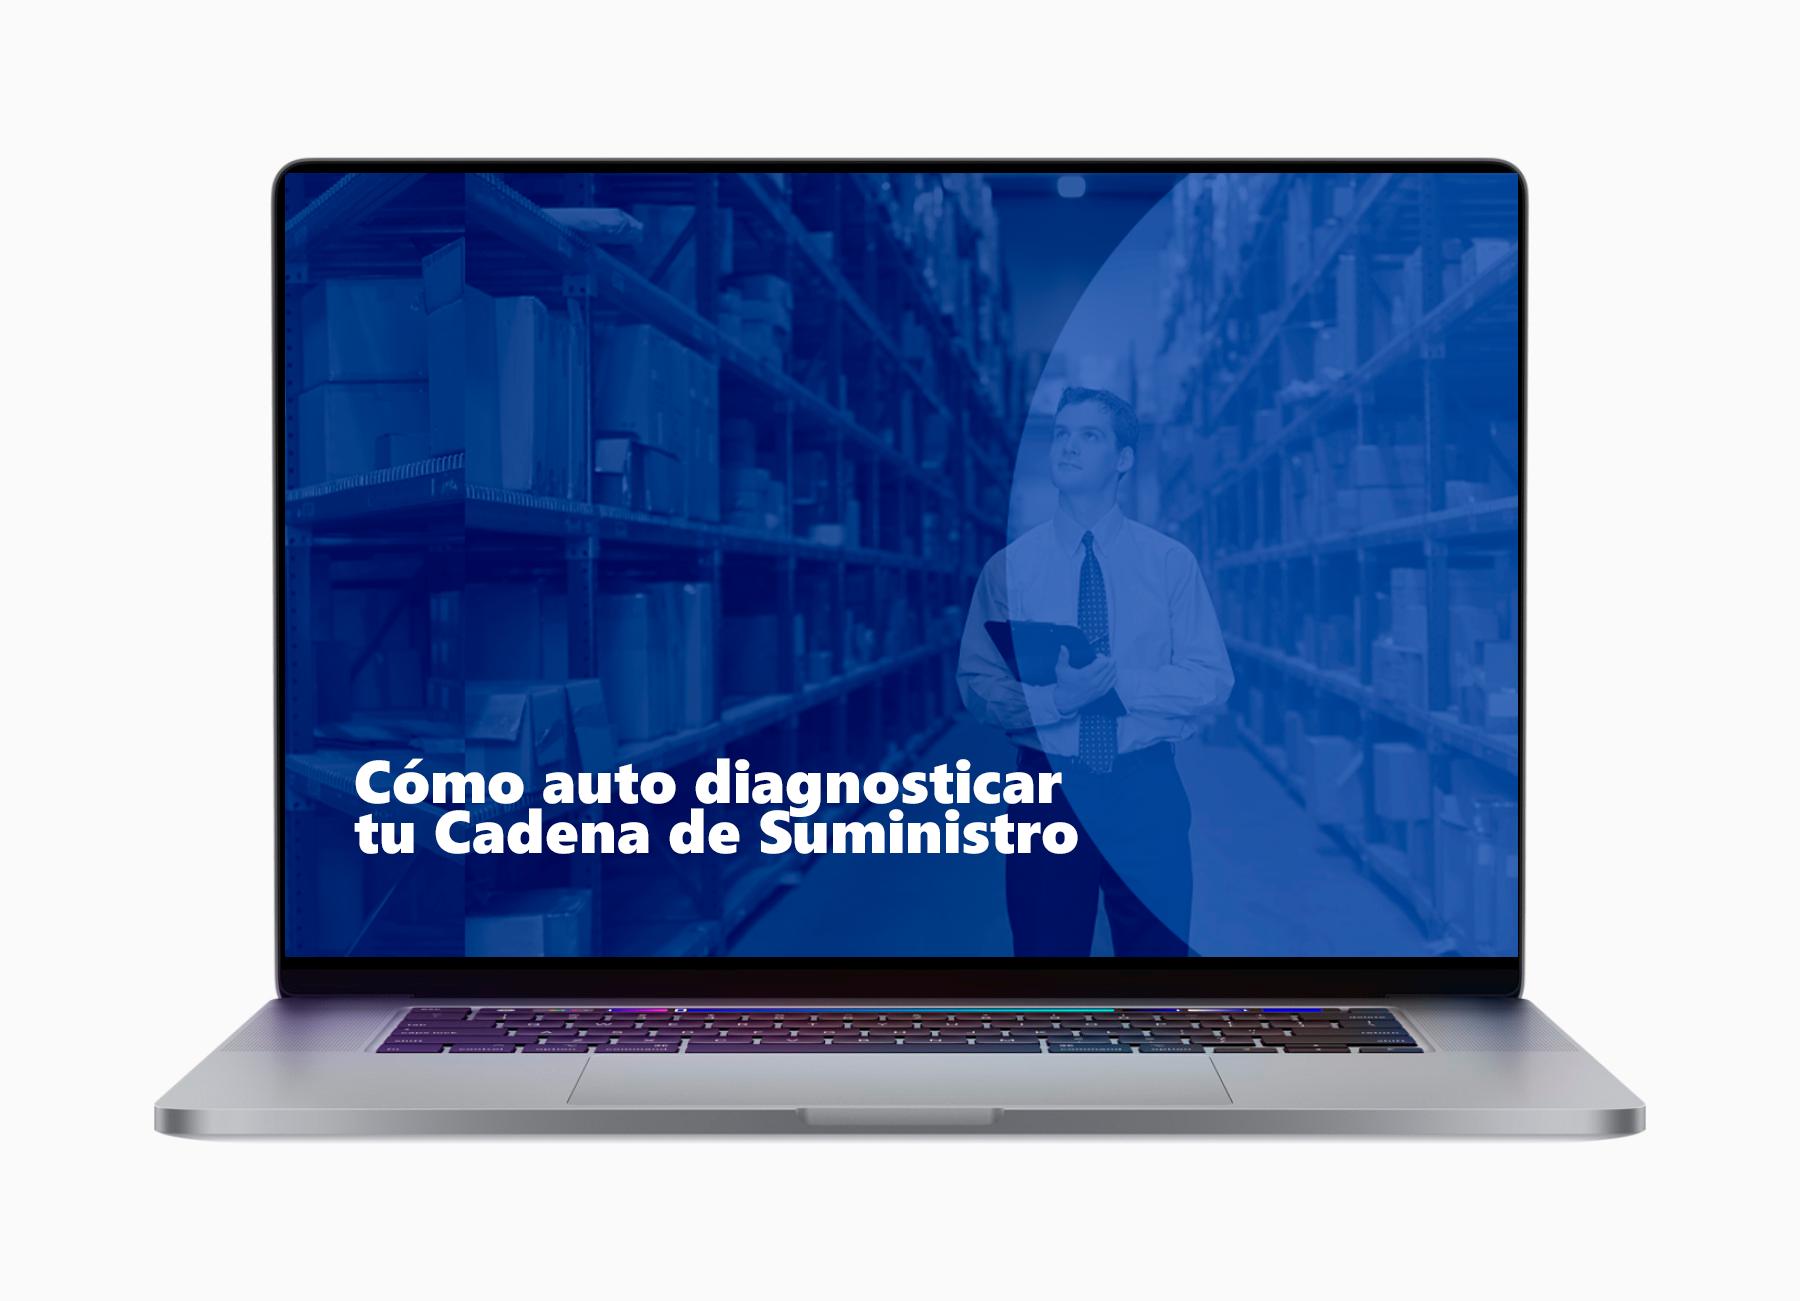 webinar-lap-Cómo-auto-diagnosticar-tu-Cadena-de-Suministro